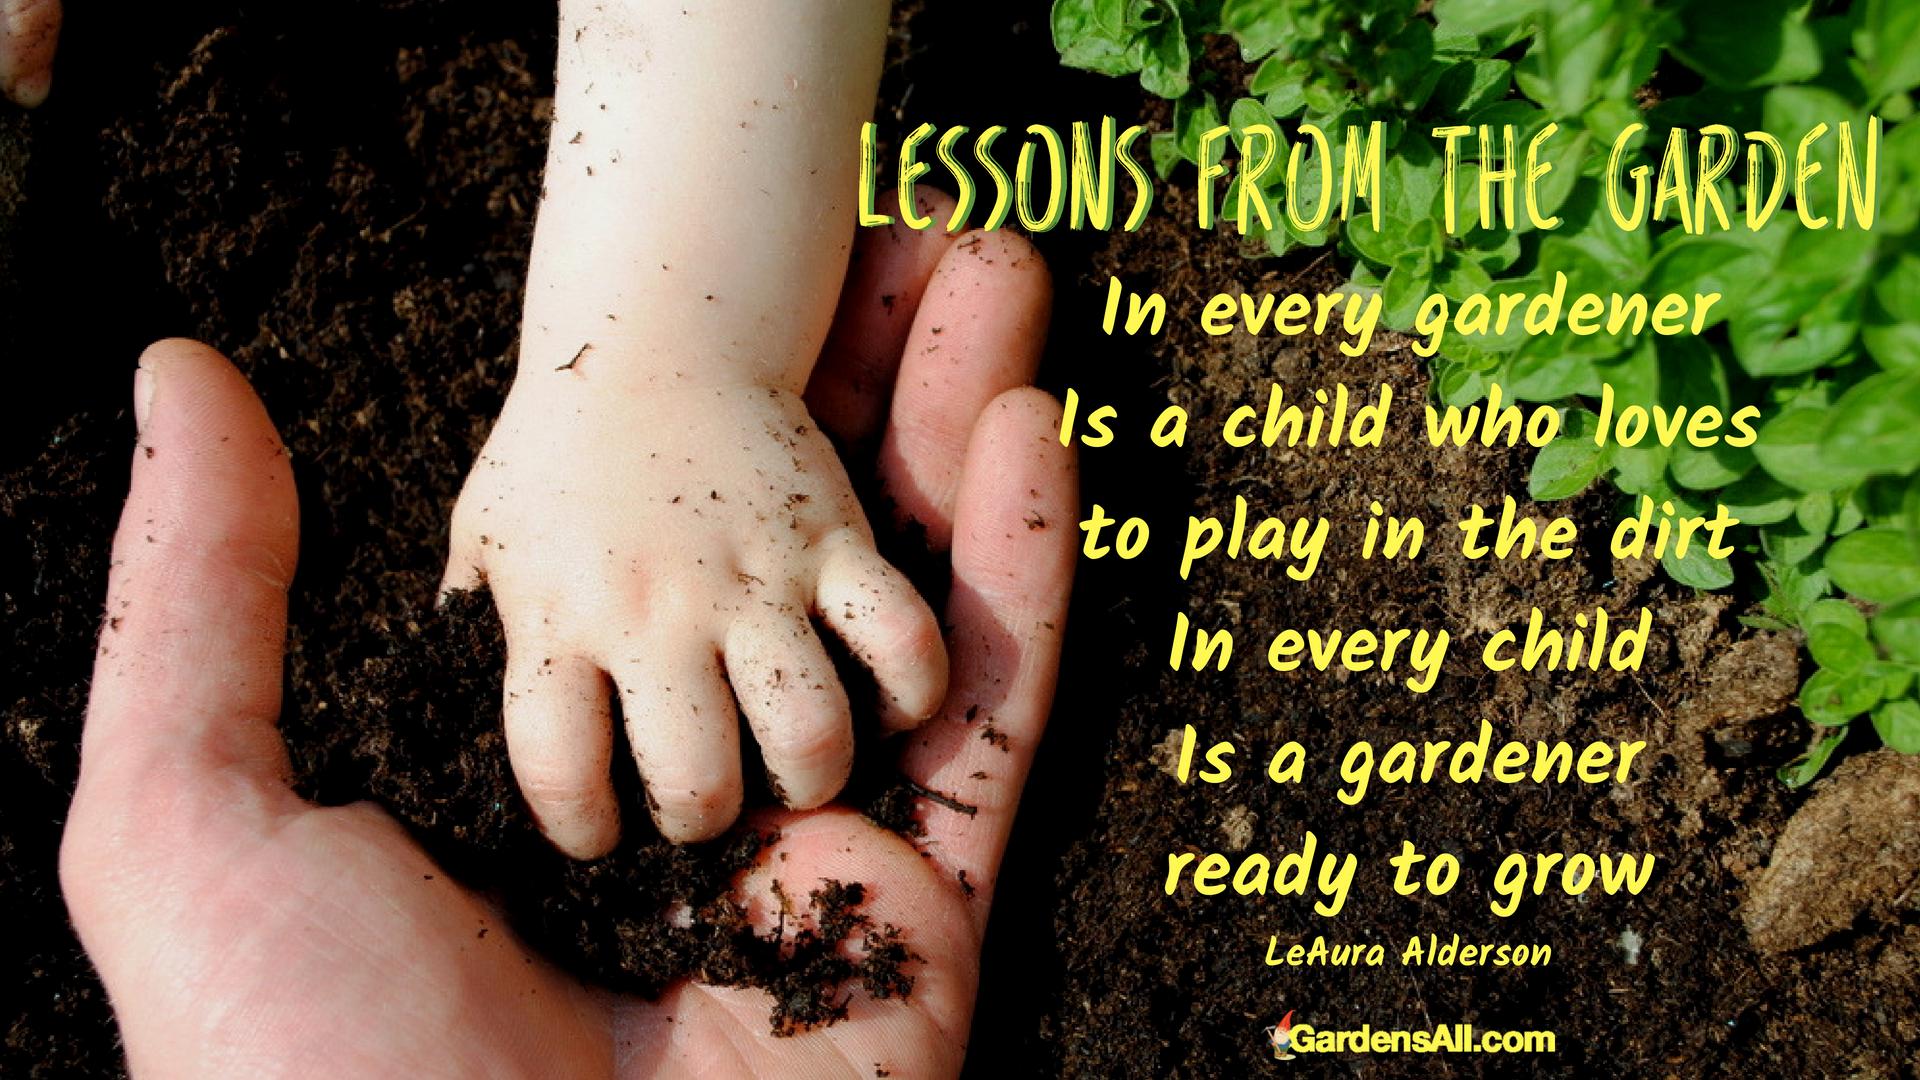 Children In The Garden Growing Memories That Last Gardensall